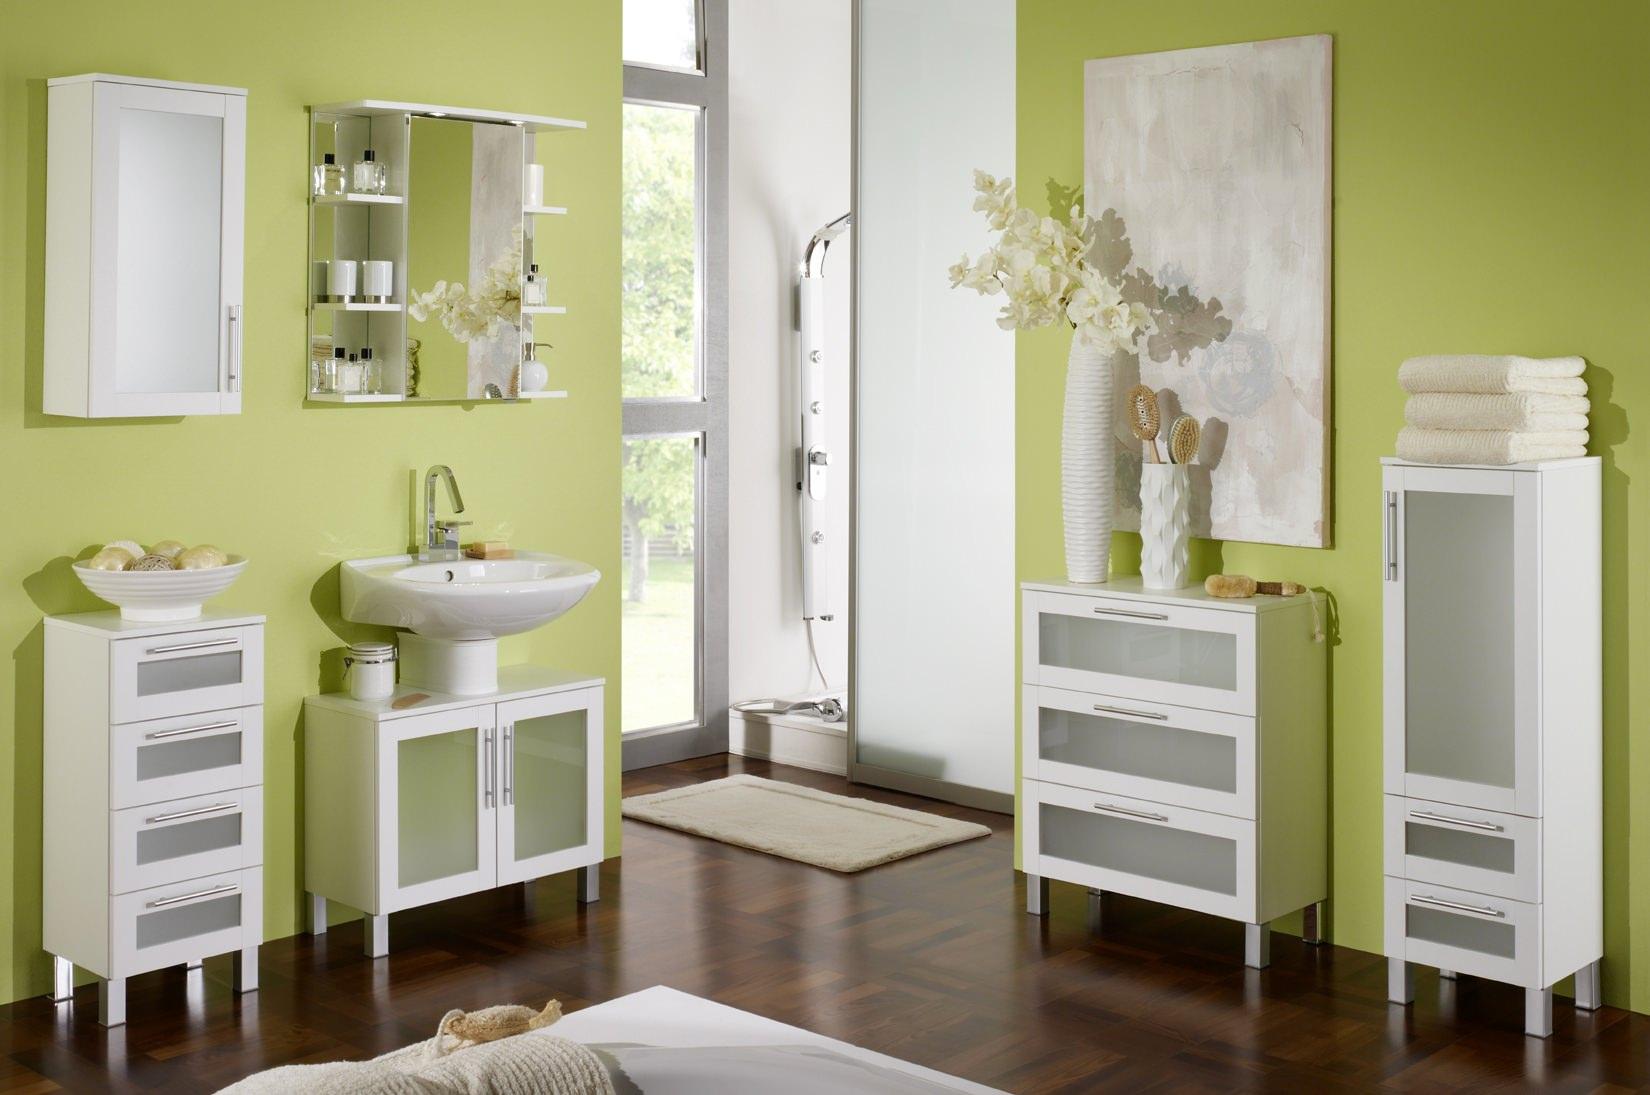 e zoll simply elan h ngeschrank 35cm ht wei miniperl wei 90004. Black Bedroom Furniture Sets. Home Design Ideas